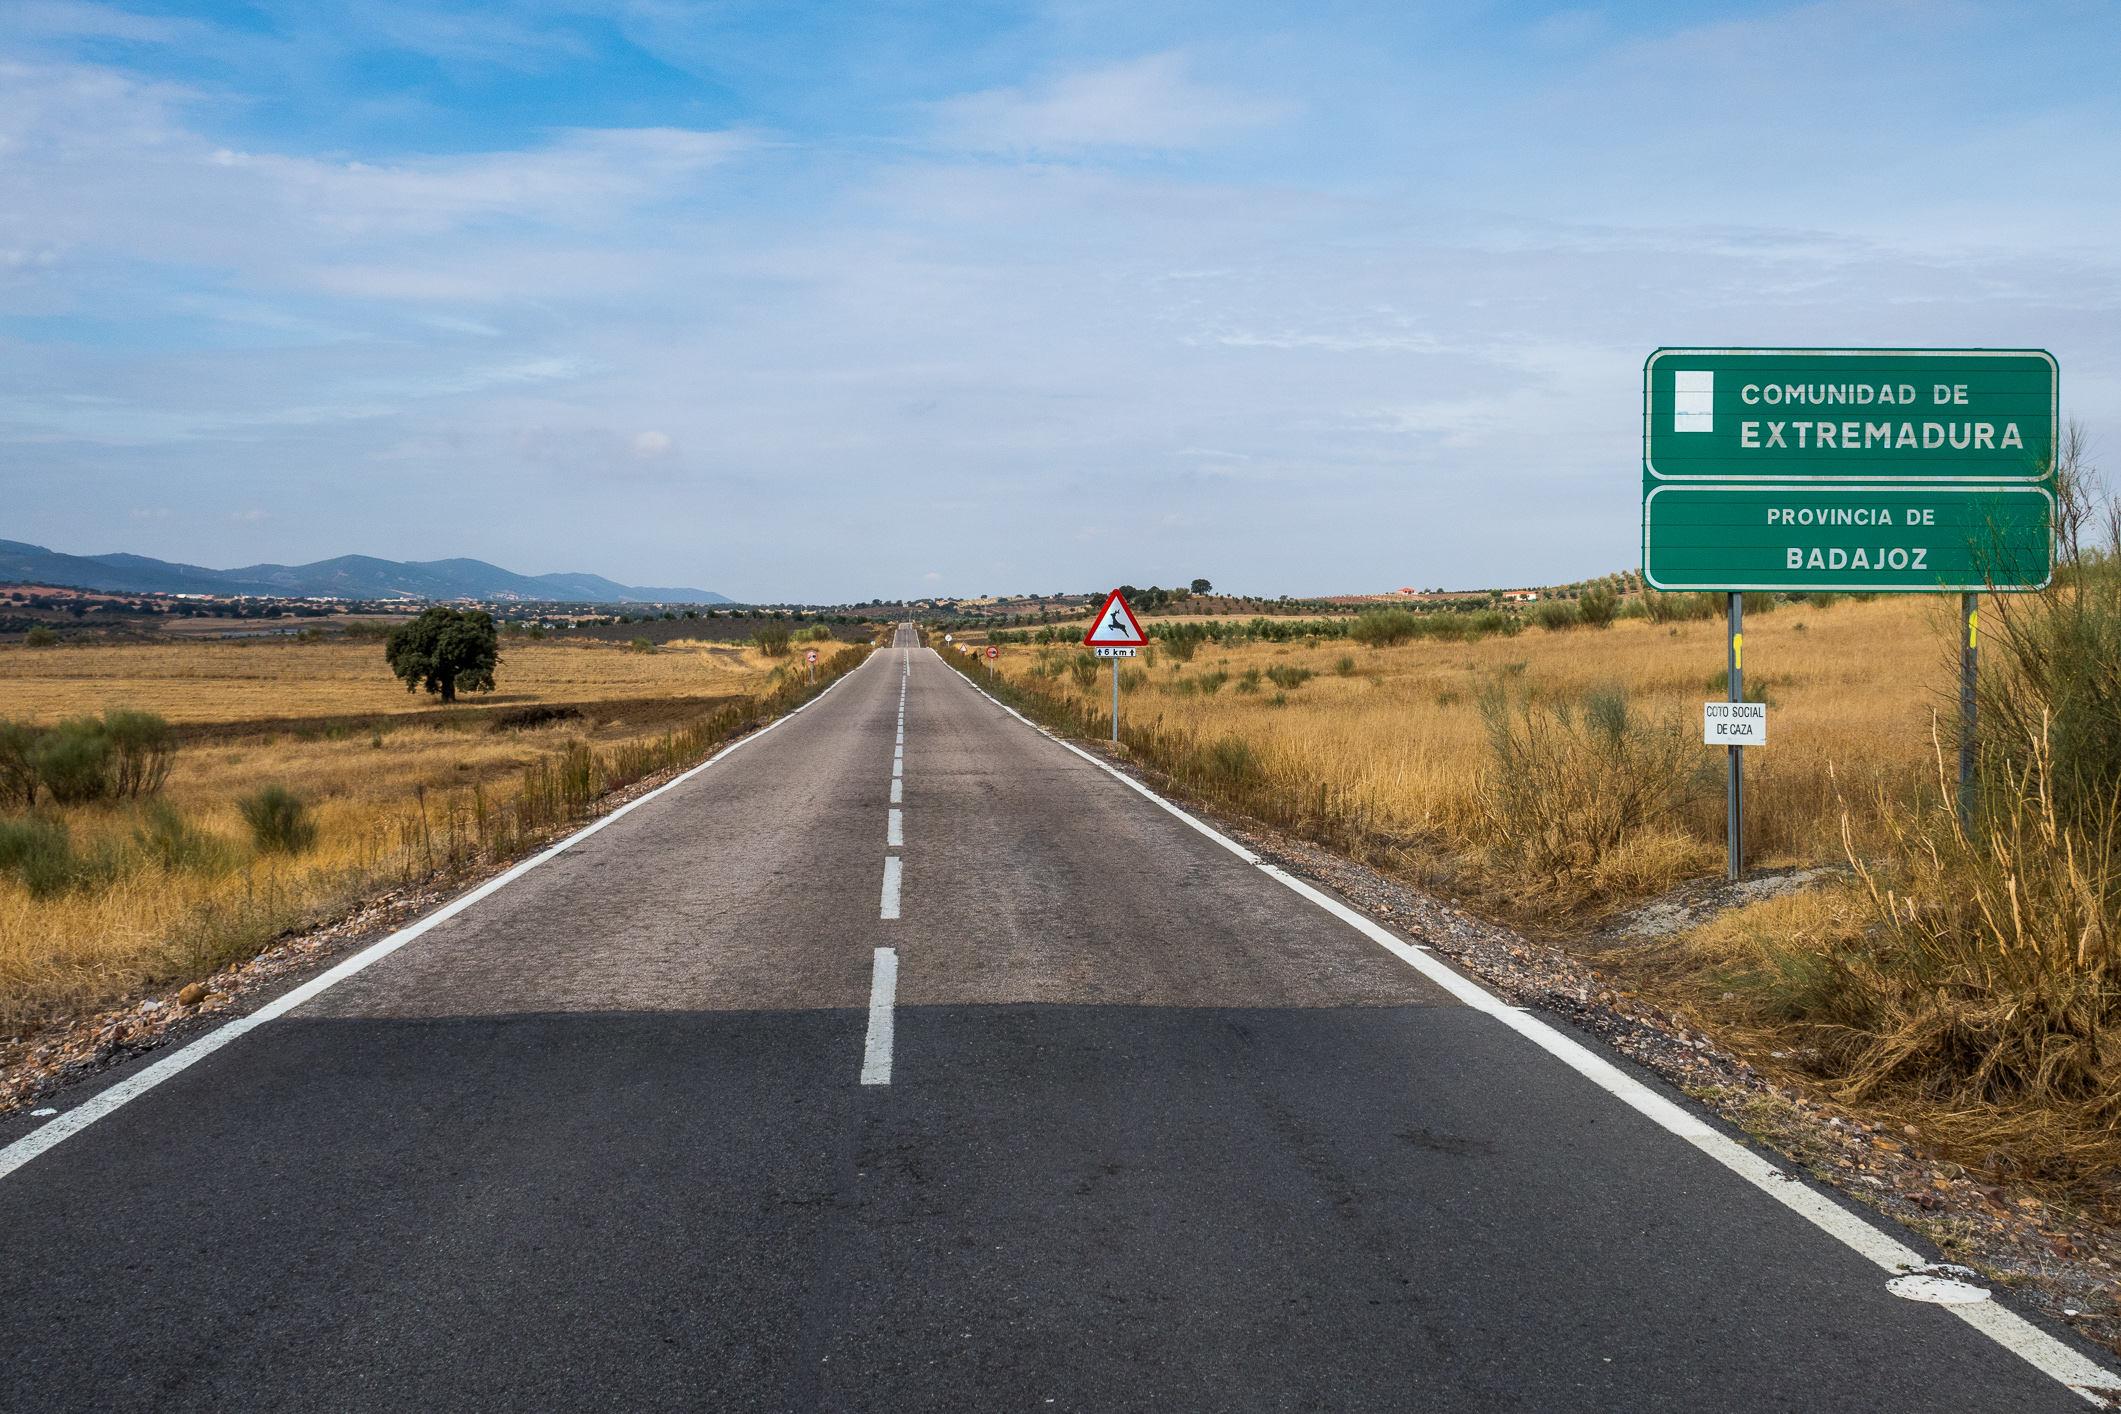 In Monterrubio de la Serena ist die Extremadura erreicht.